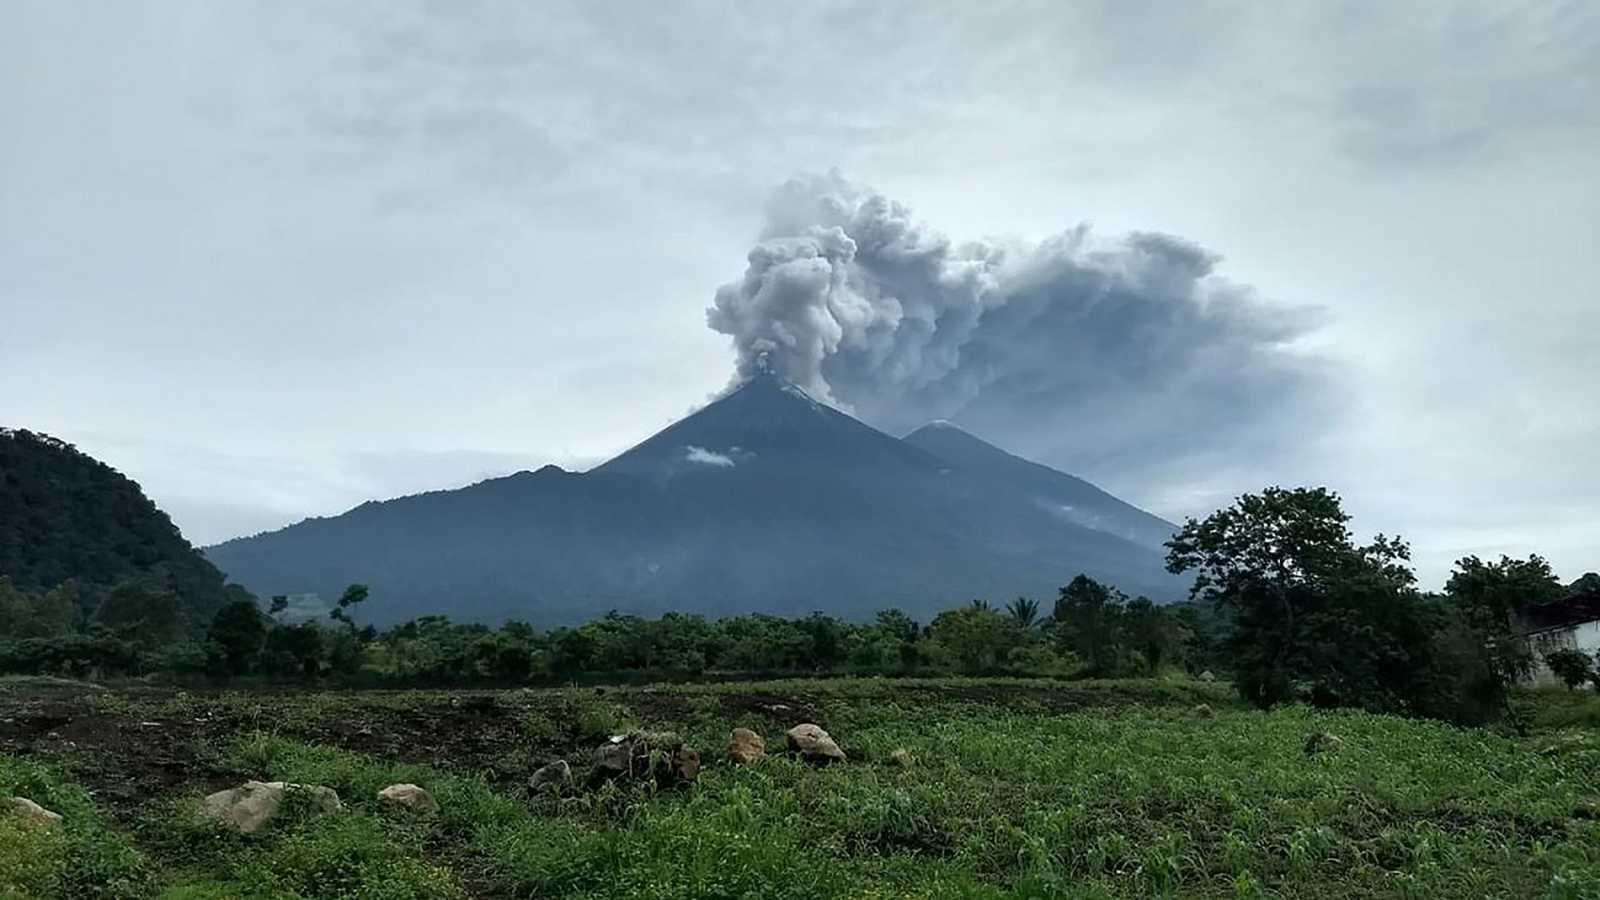 La erupción del volcán de Fuego deja ya 69 muertos y 1,7 millones de afectados en Guatemala